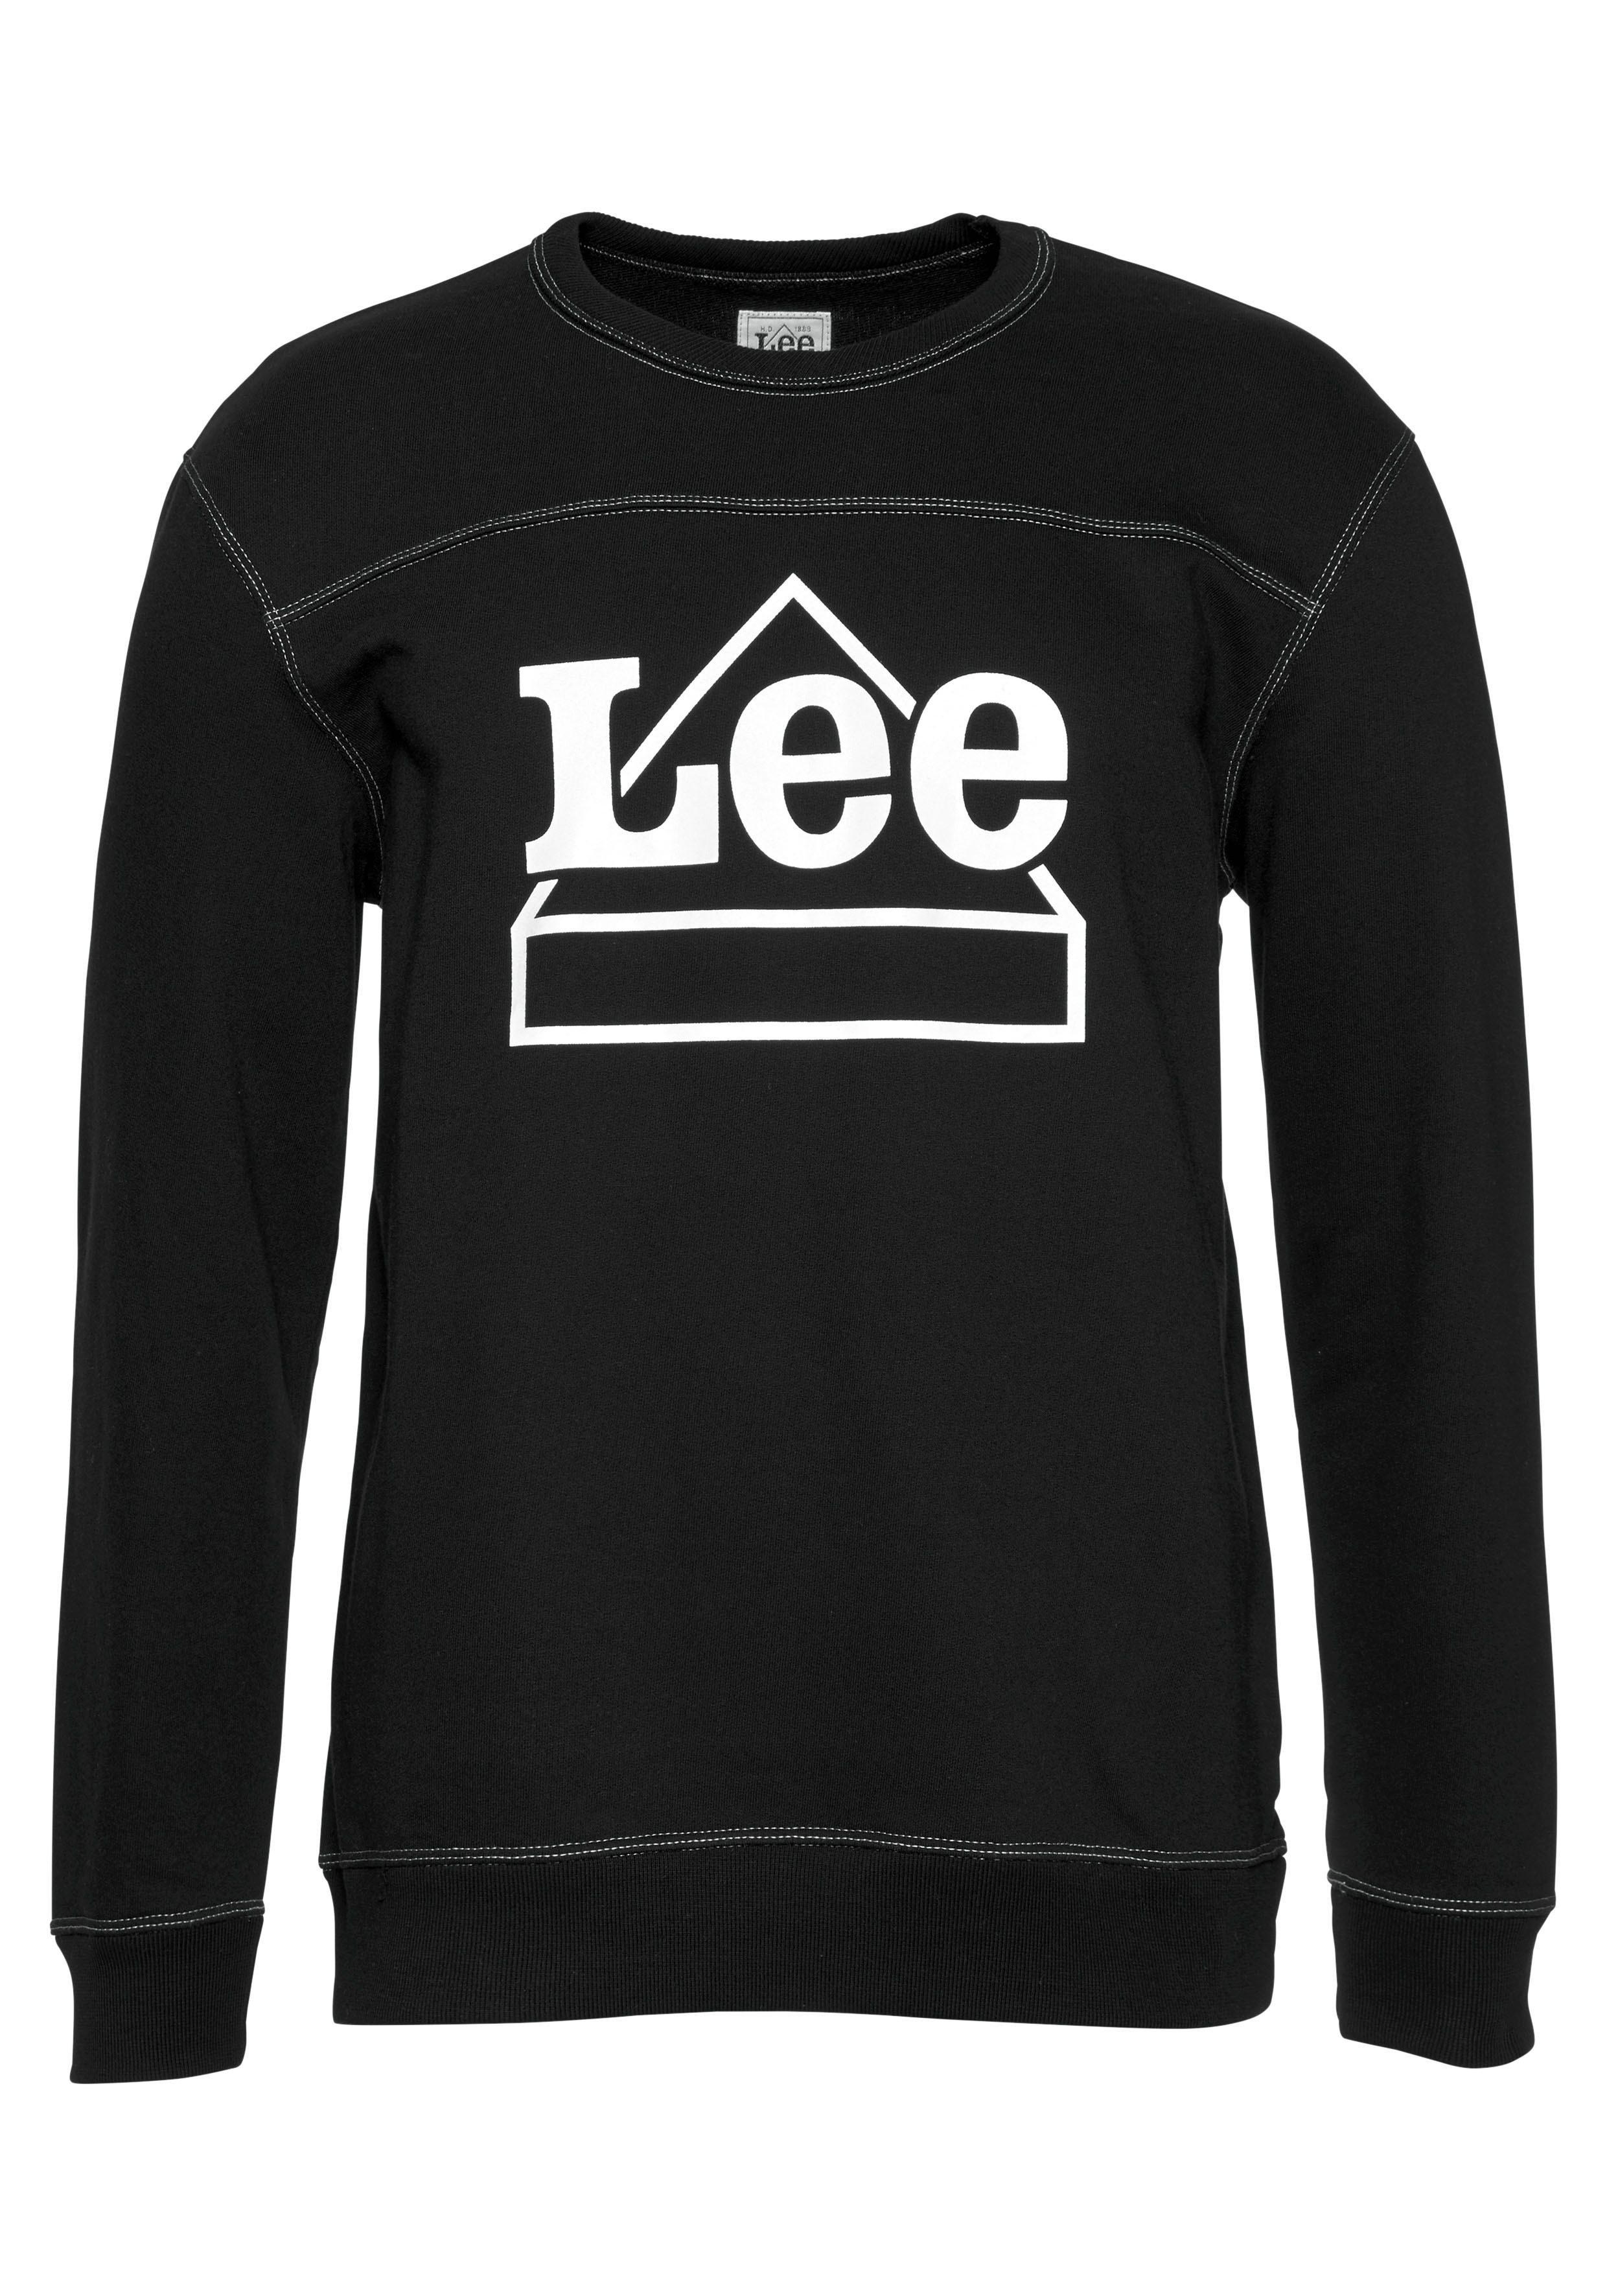 Makkelijk Makkelijk Besteld Makkelijk Besteld Sweatshirt Lee® Sweatshirt Sweatshirt Lee® Lee® Lee® Besteld eCBxdro